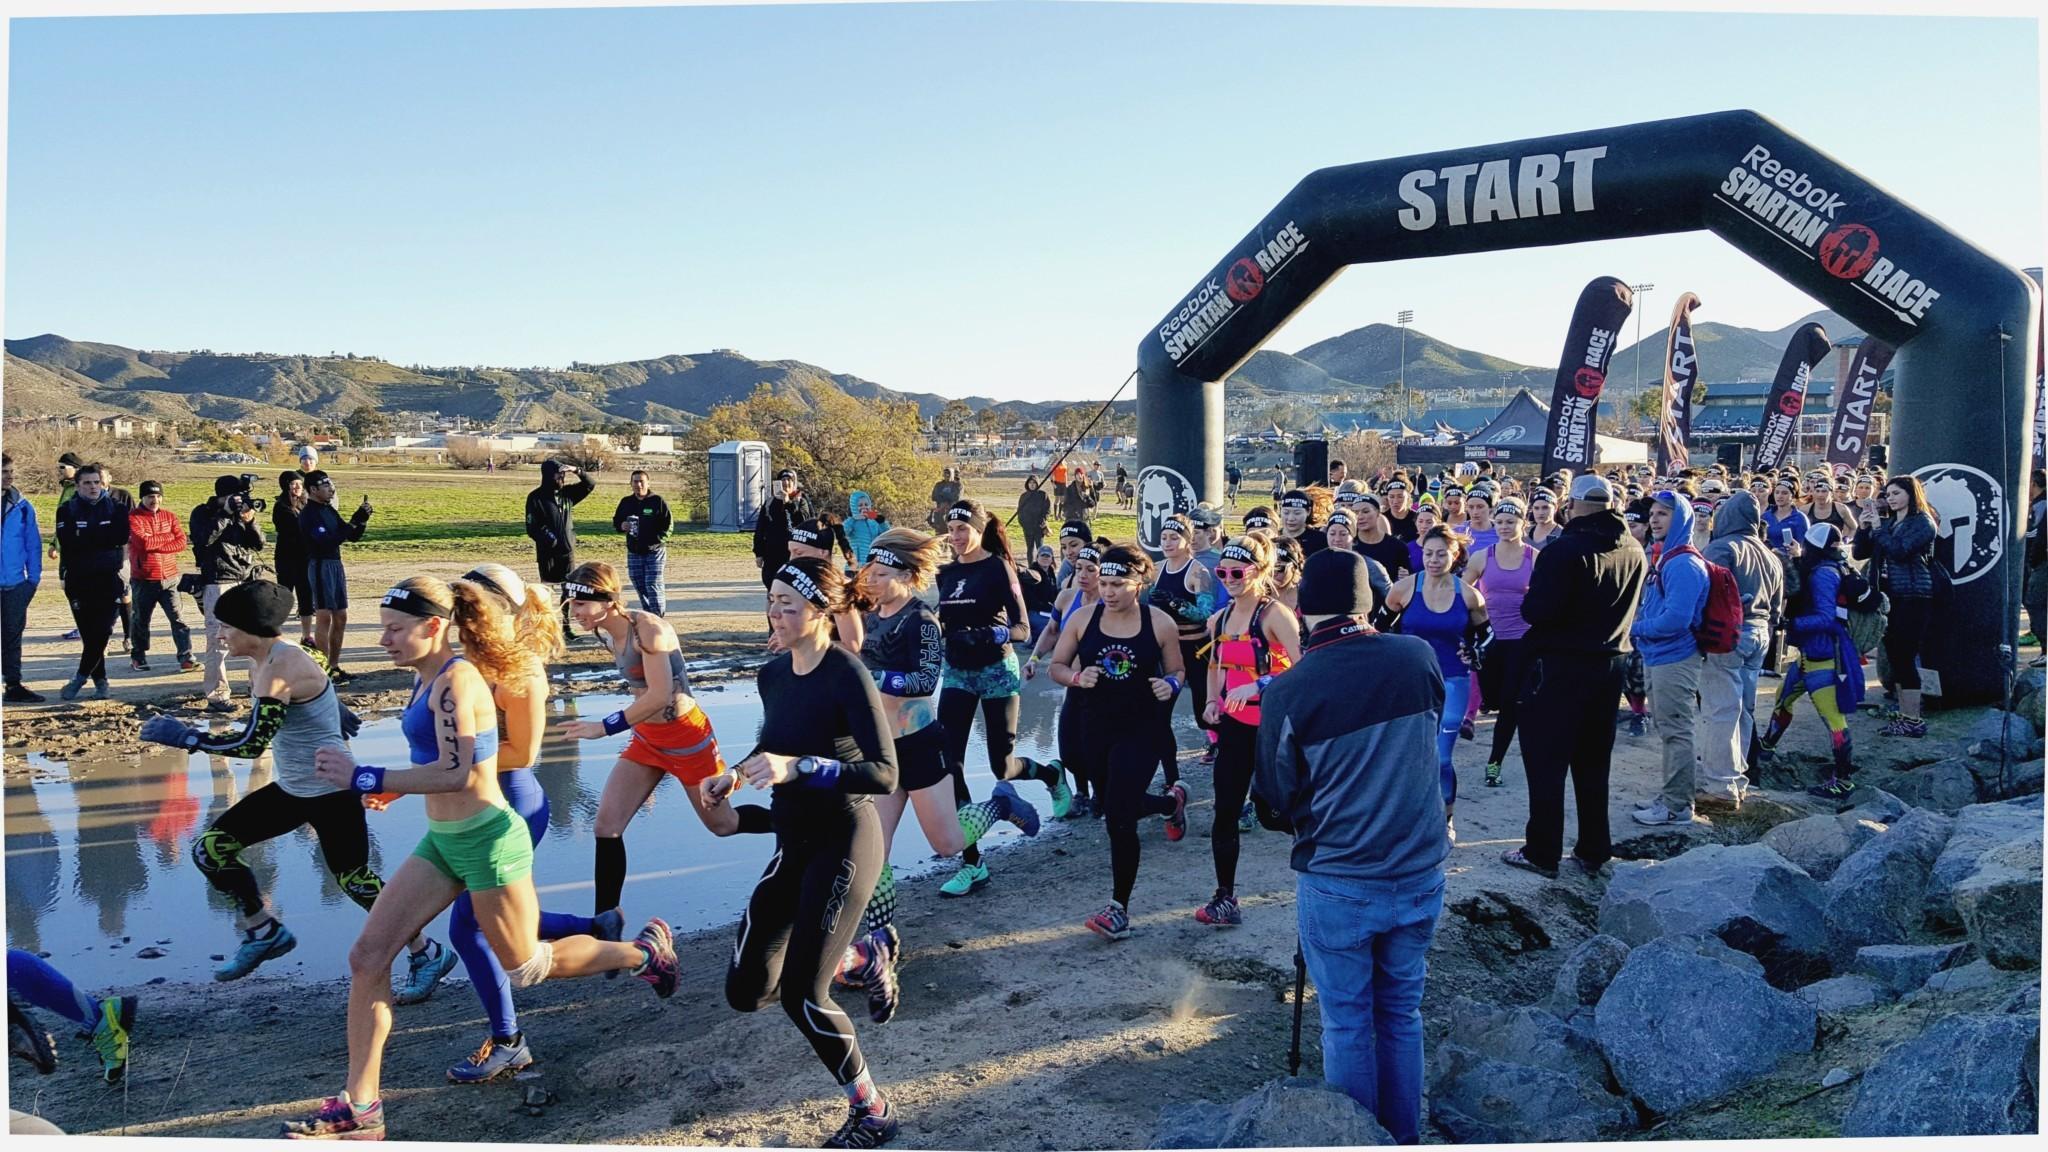 Spartan Race – SoCal Women's Start